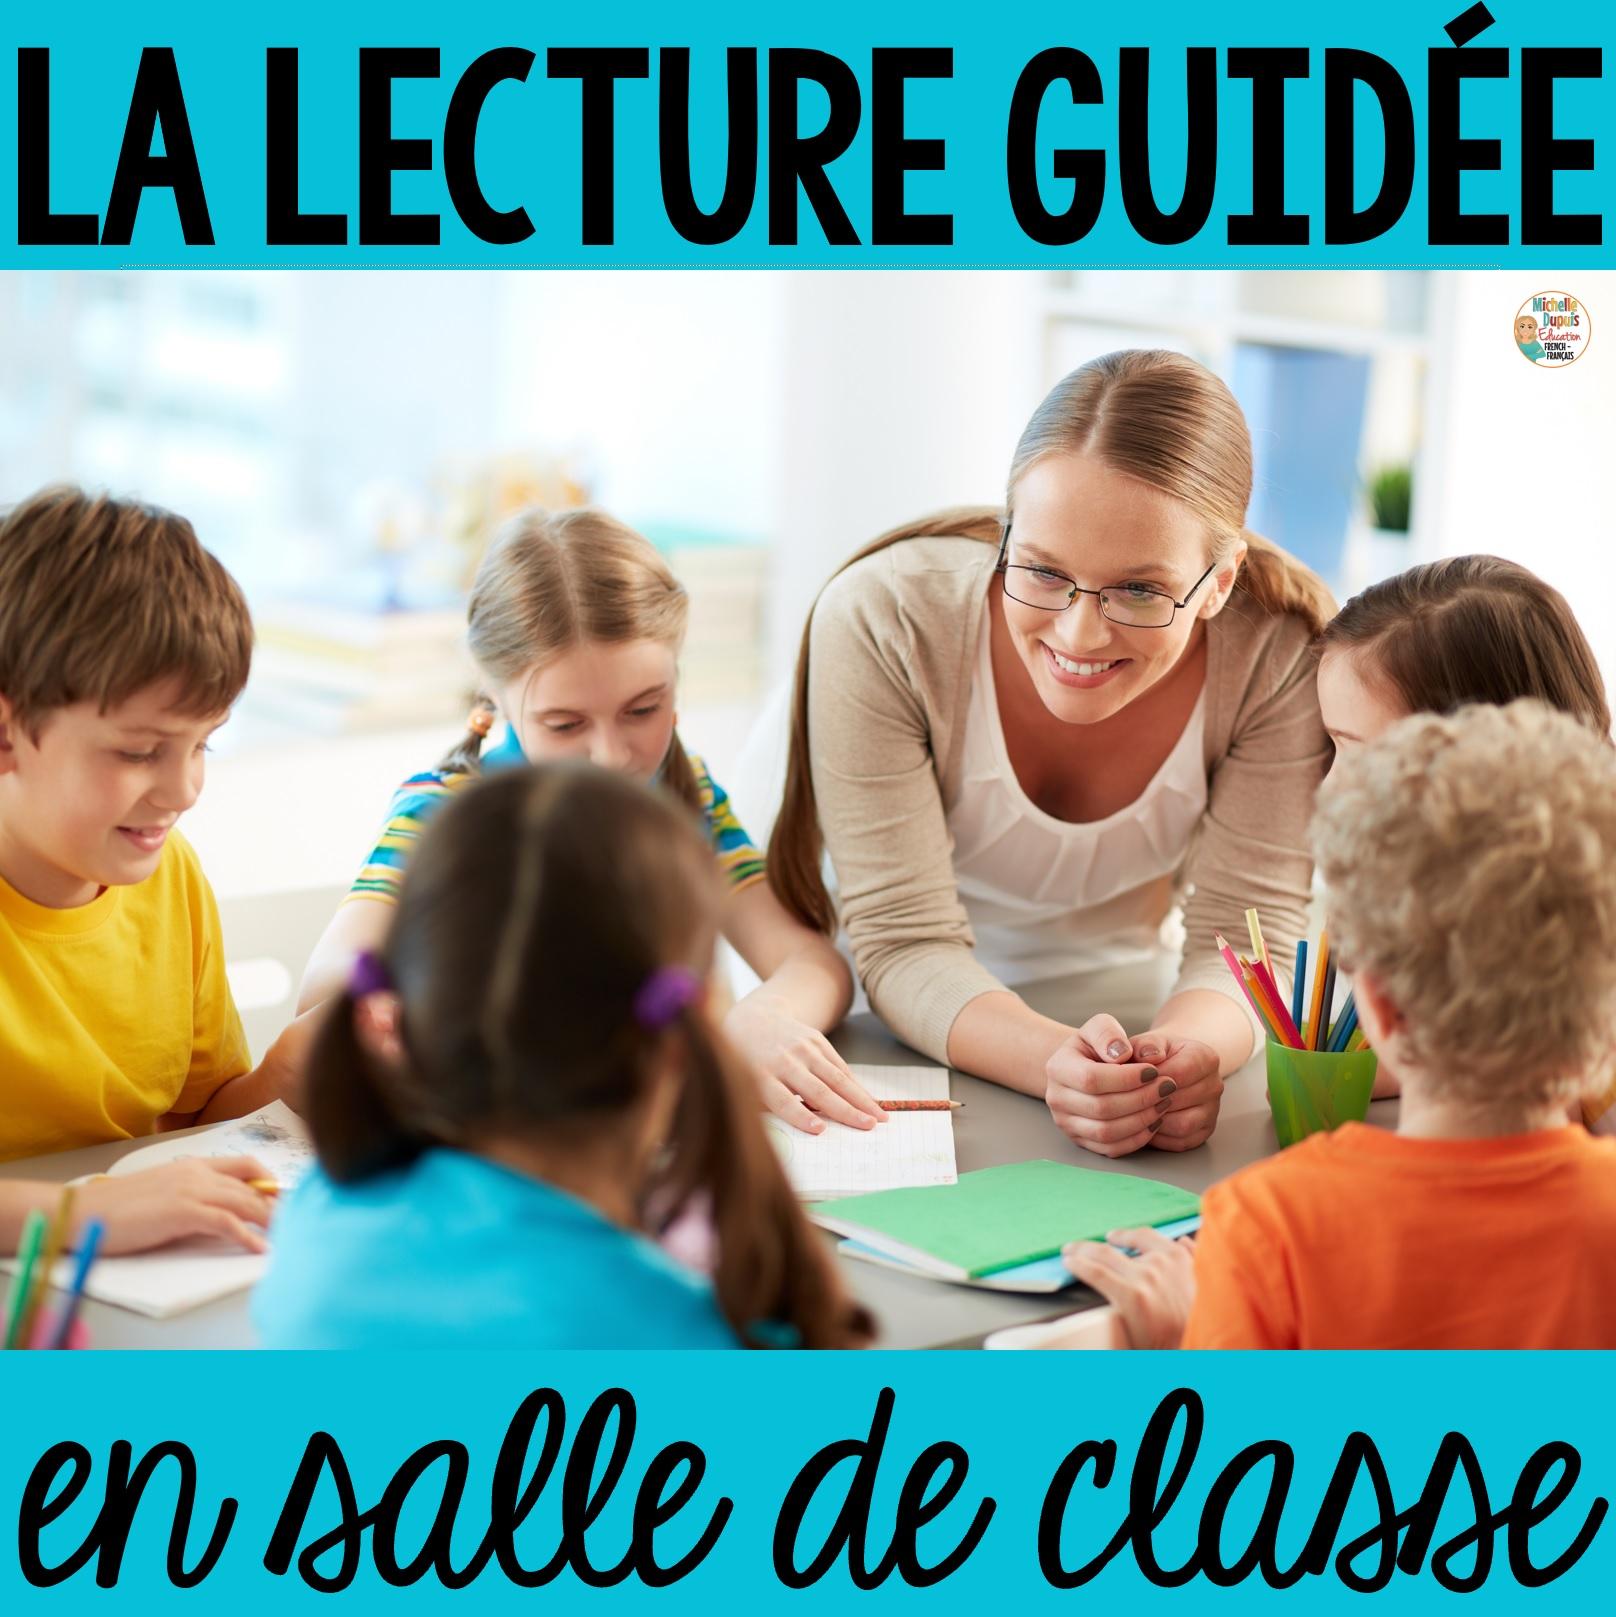 lecture guidée en salle de classe